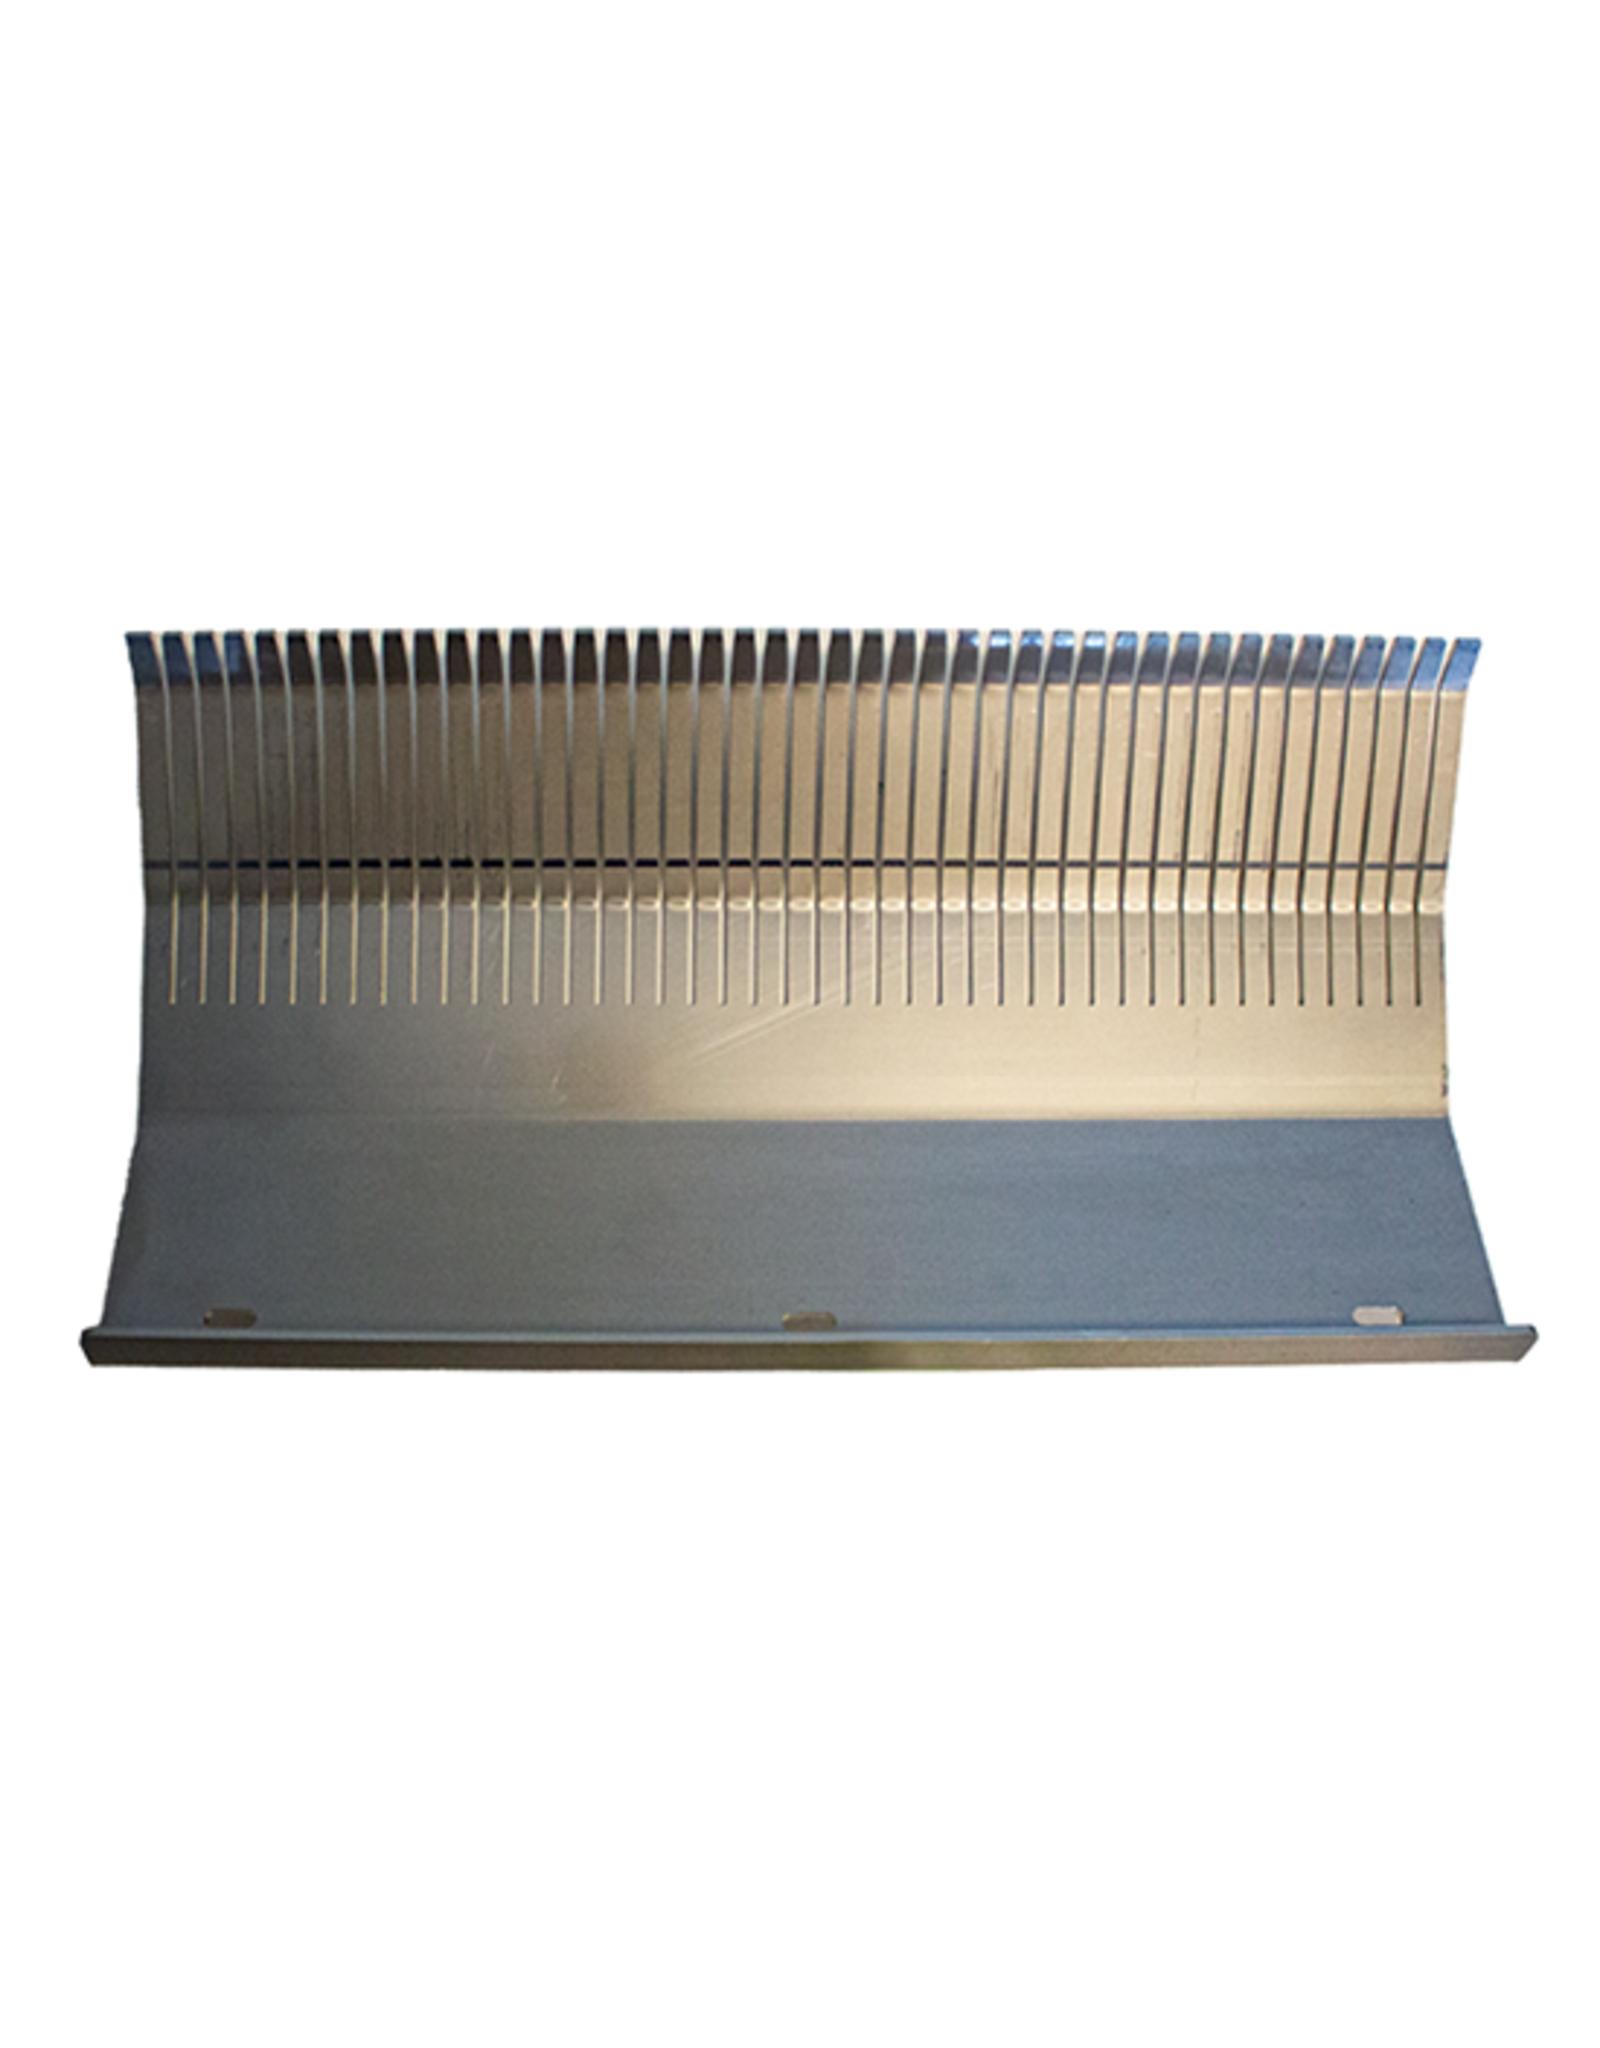 VLB Bread Slicers Stainless steel pressure plate WP2